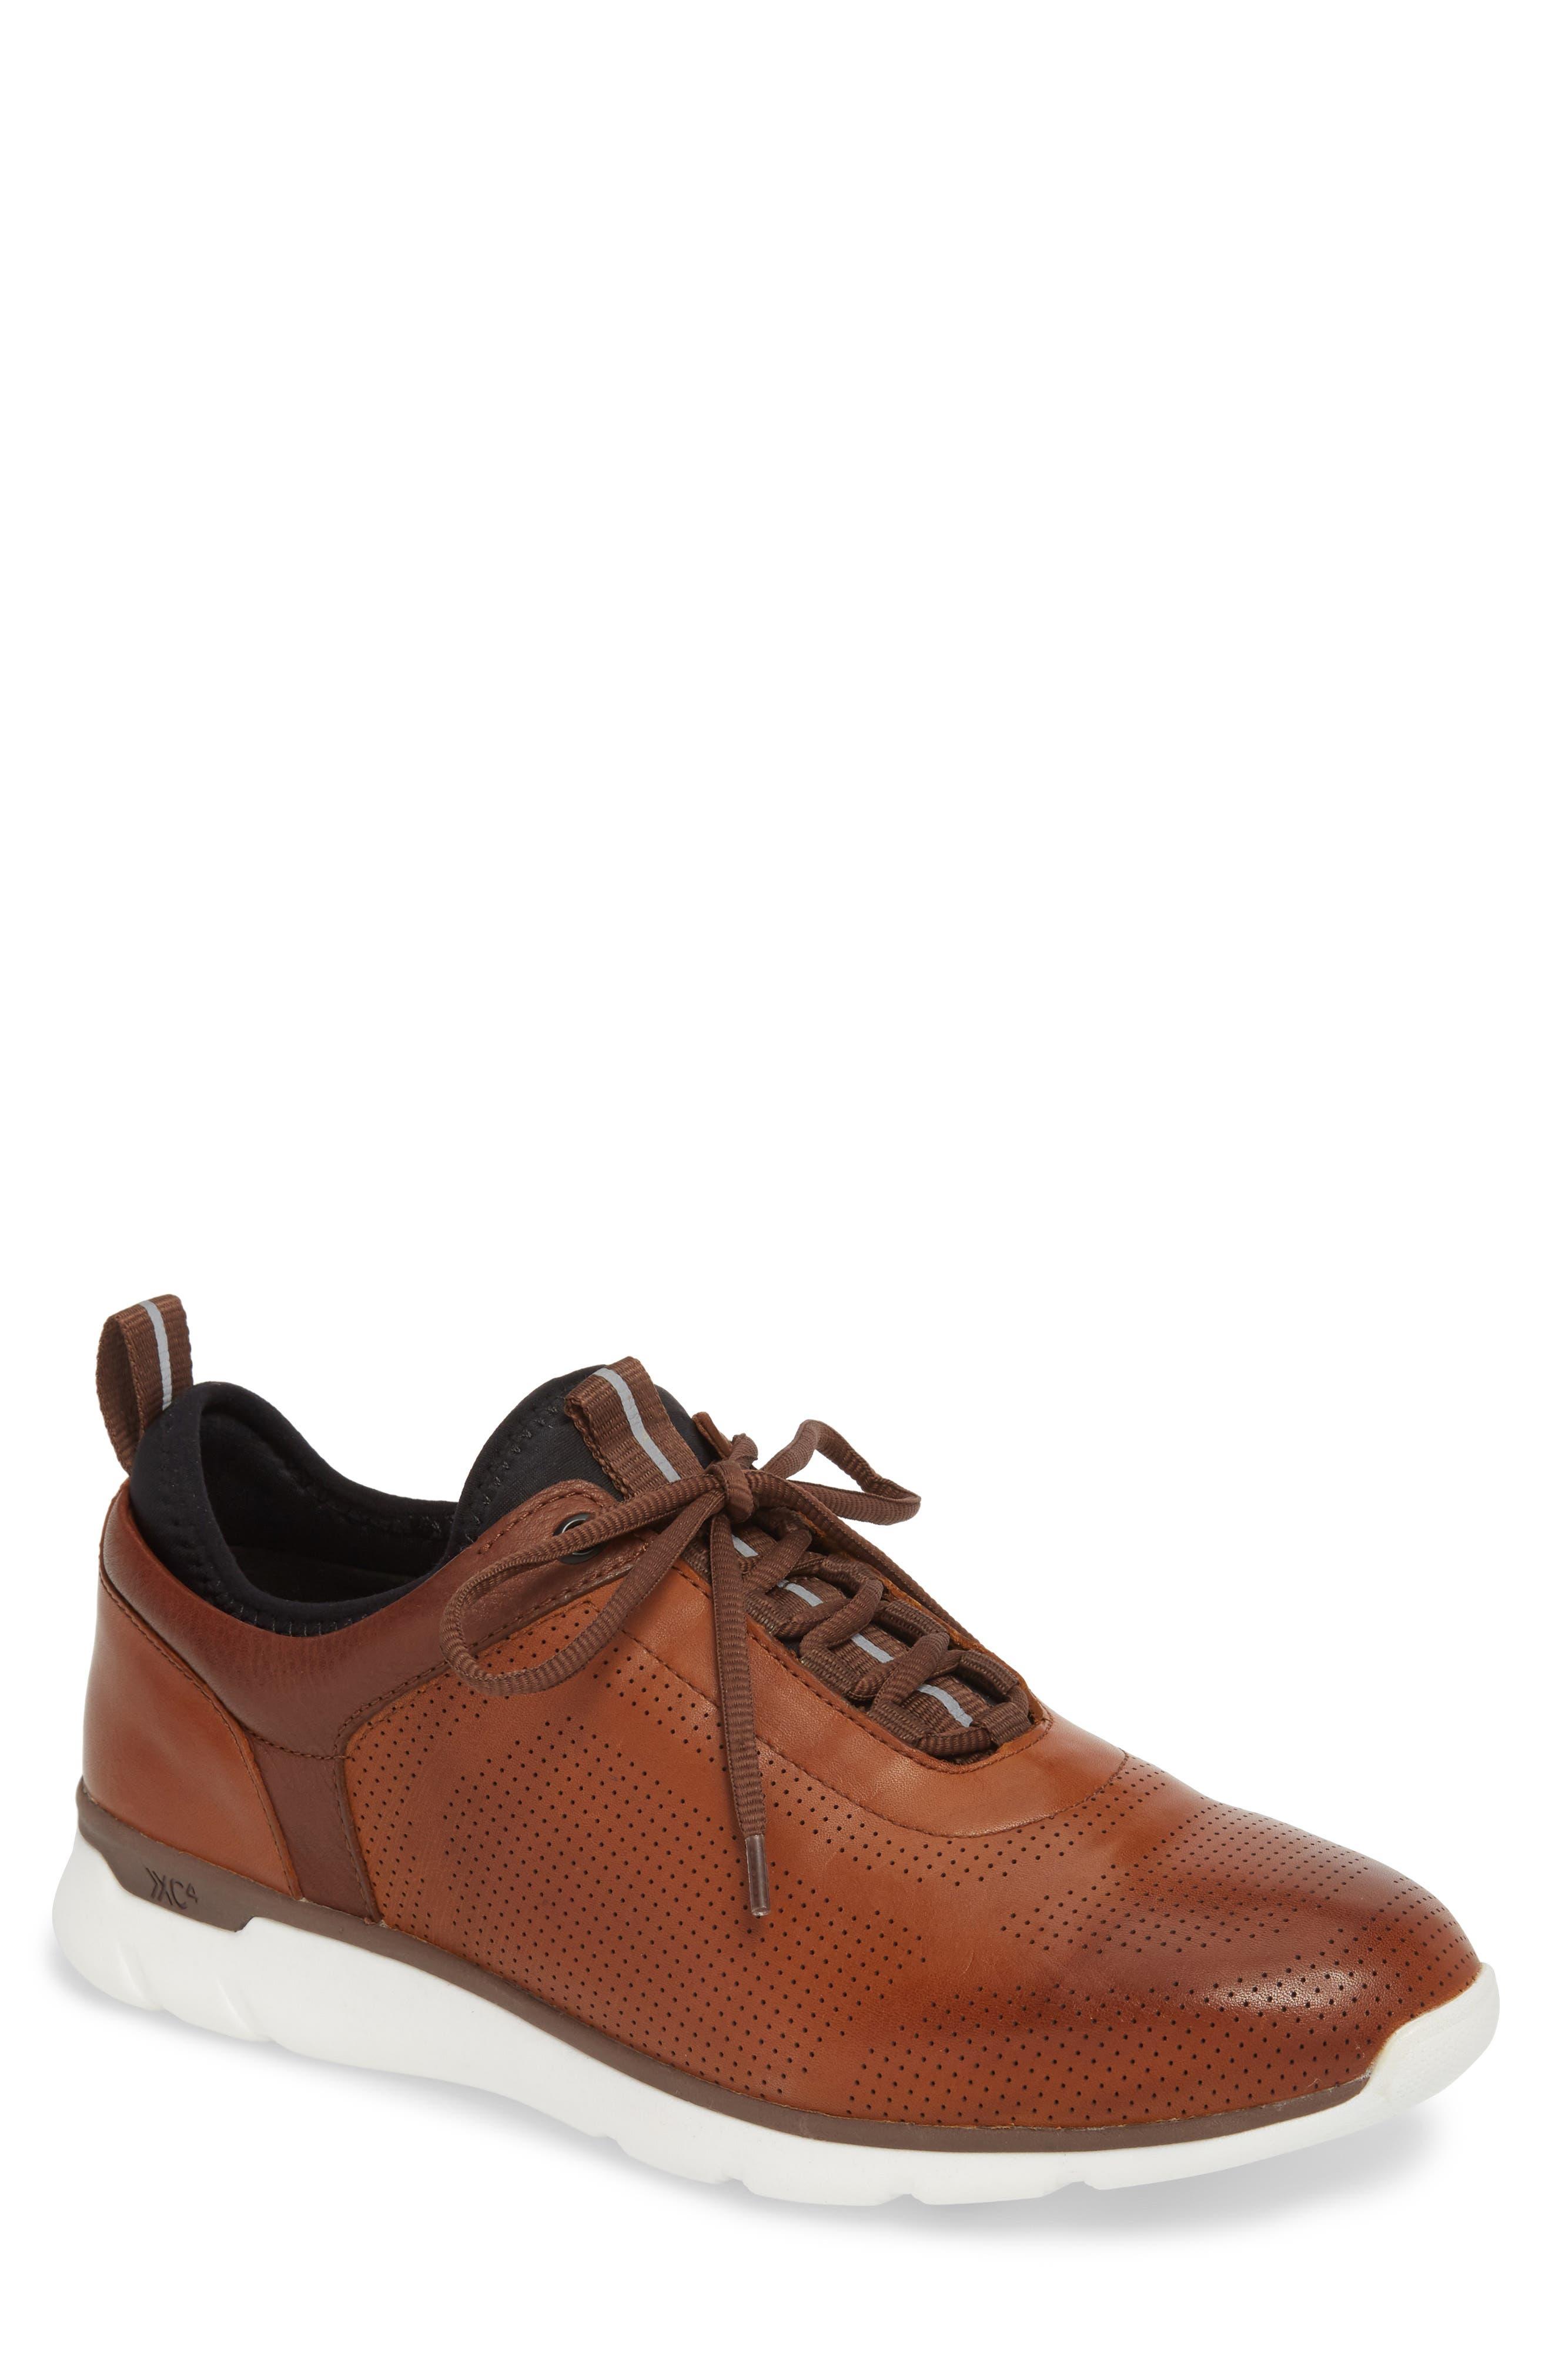 Prentiss Xc4 Waterproof Sneaker